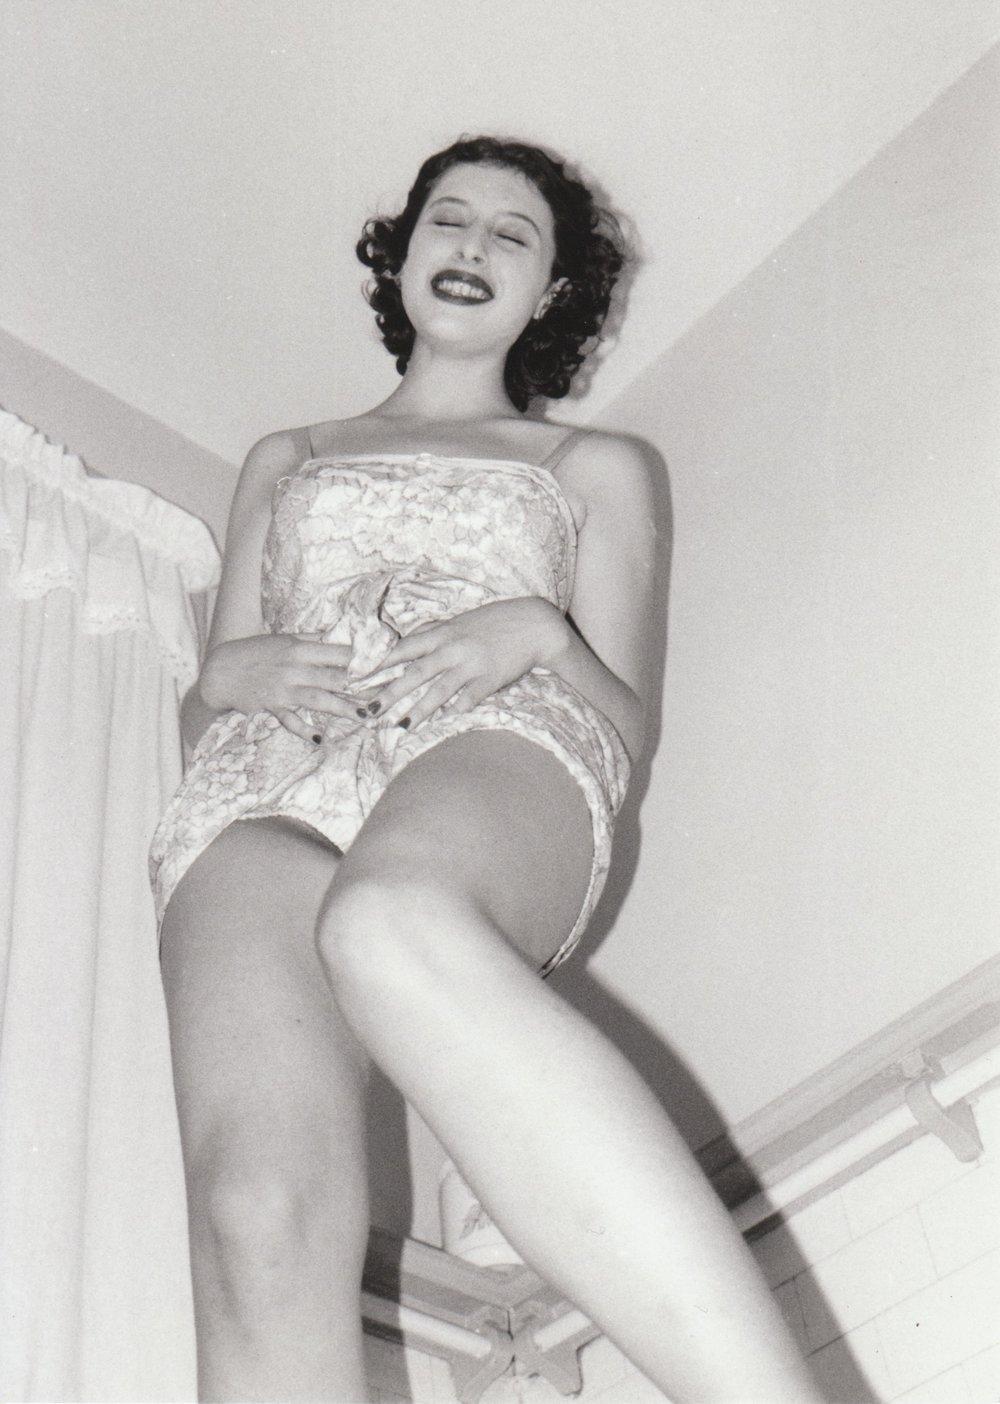 LH leanne pic bathroom laugh.jpeg